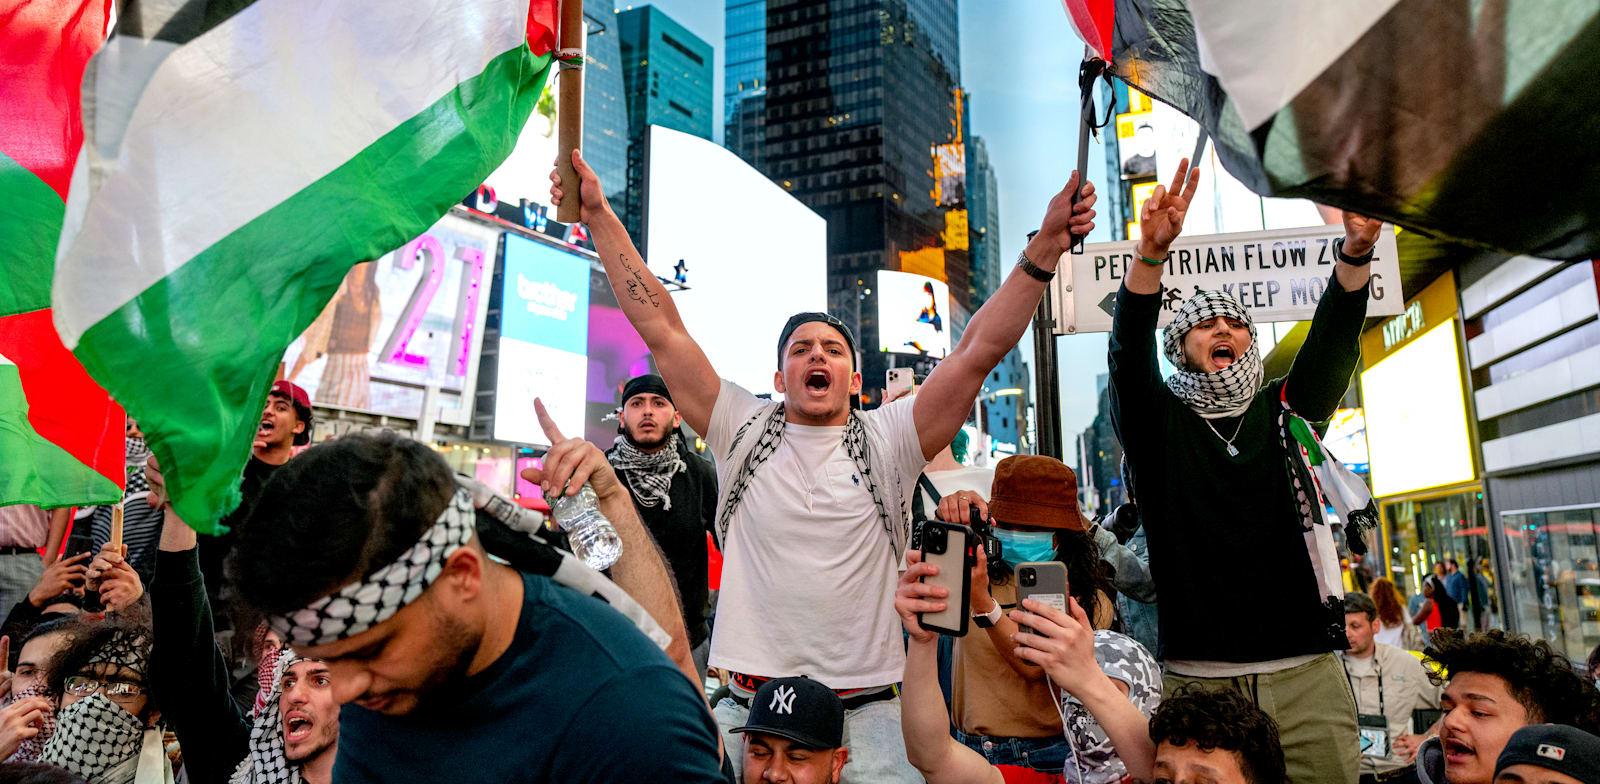 הפגנה פרו־פלסטינית בכיכר טיימס בניו יורק בשבוע שעבר / צילום: Associated Press, Craig Ruttle